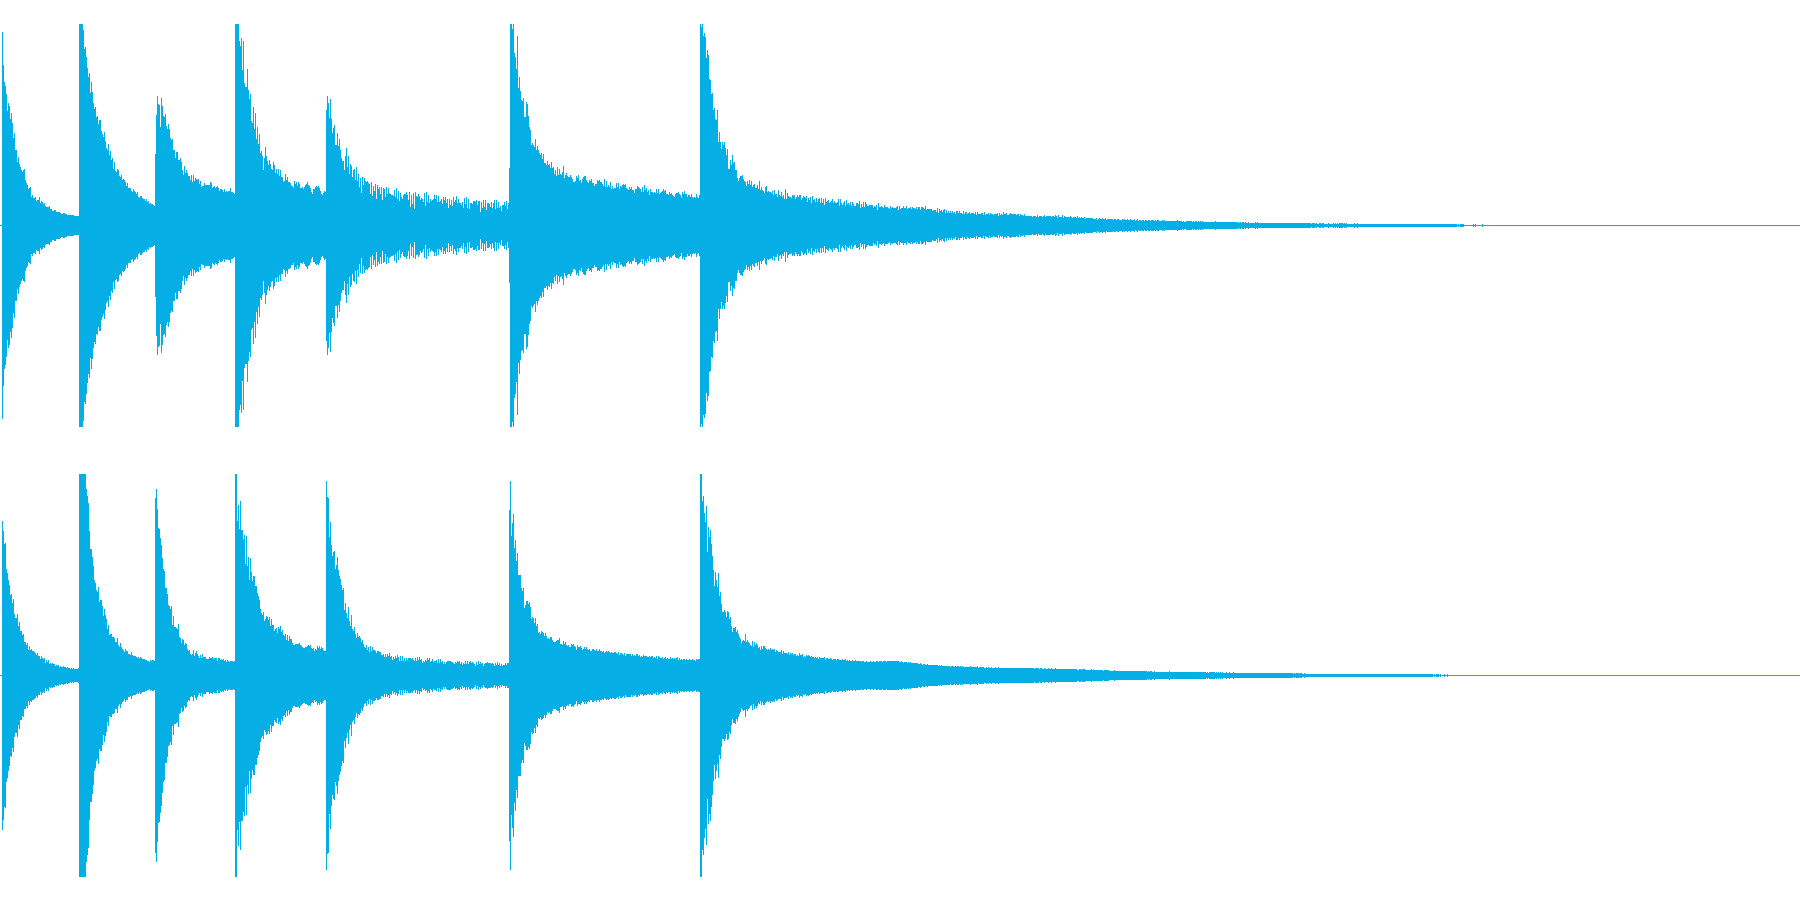 オーケストラベル:ミュージックアク...の再生済みの波形